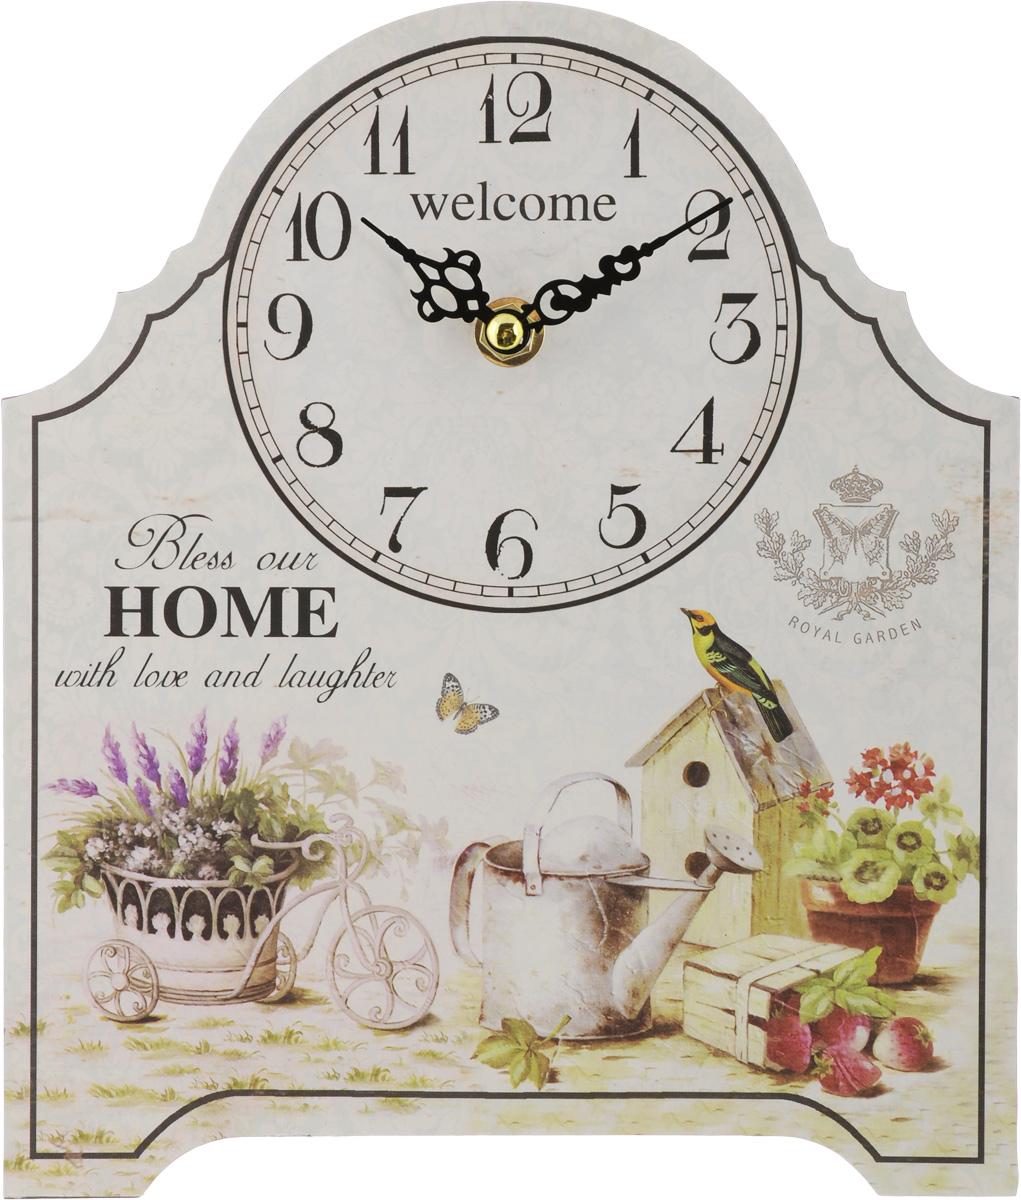 Часы настольные Феникс-Презент Королевский сад, 20 х 24 см54 009303Настольные часы Феникс-Презент Королевский сад своим эксклюзивным дизайном подчеркнут оригинальность интерьера вашего дома.Часы выполнены из МДФ. МДФ (мелкодисперсные фракции) представляет собой плиту из запрессованной вакуумным способом деревянной пыли и является наиболее экологически чистым материалом среди себе подобных. Часы имеют две стрелки - часовую и минутную.Настольные часы Феникс-Презент Королевский сад подходят для кухни, гостиной, прихожей или дачи, а также могут стать отличным подарком для друзей и близких.ВНИМАНИЕ!!! Часы работают от сменной батареи типа АА 1,5V (в комплект не входит).